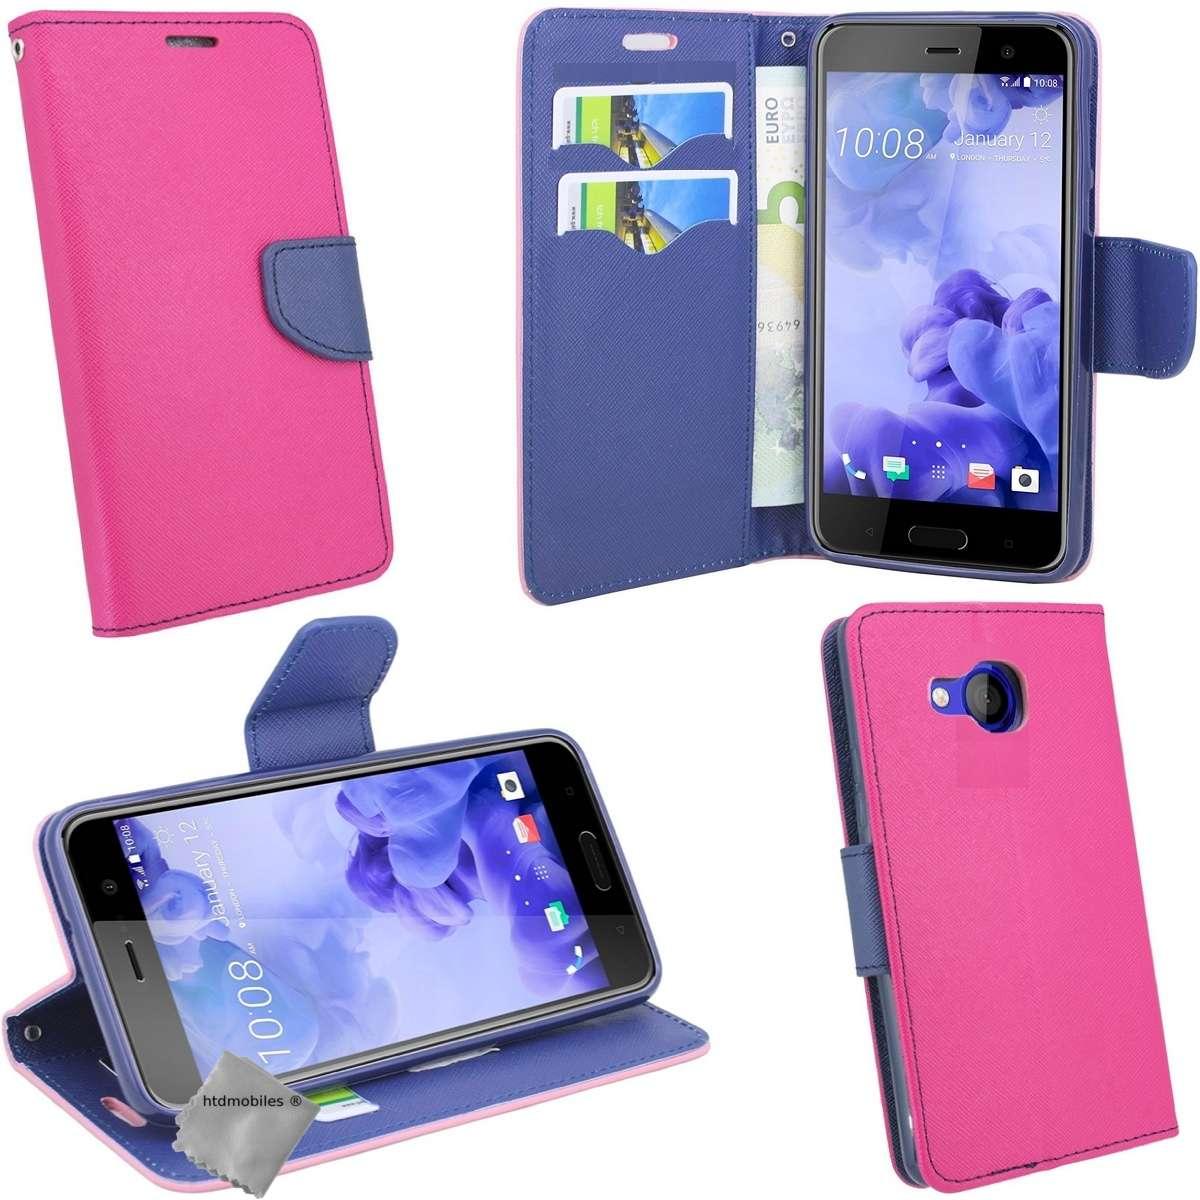 Housse-etui-coque-pochette-portefeuille-pour-HTC-U-Play-film-ecran